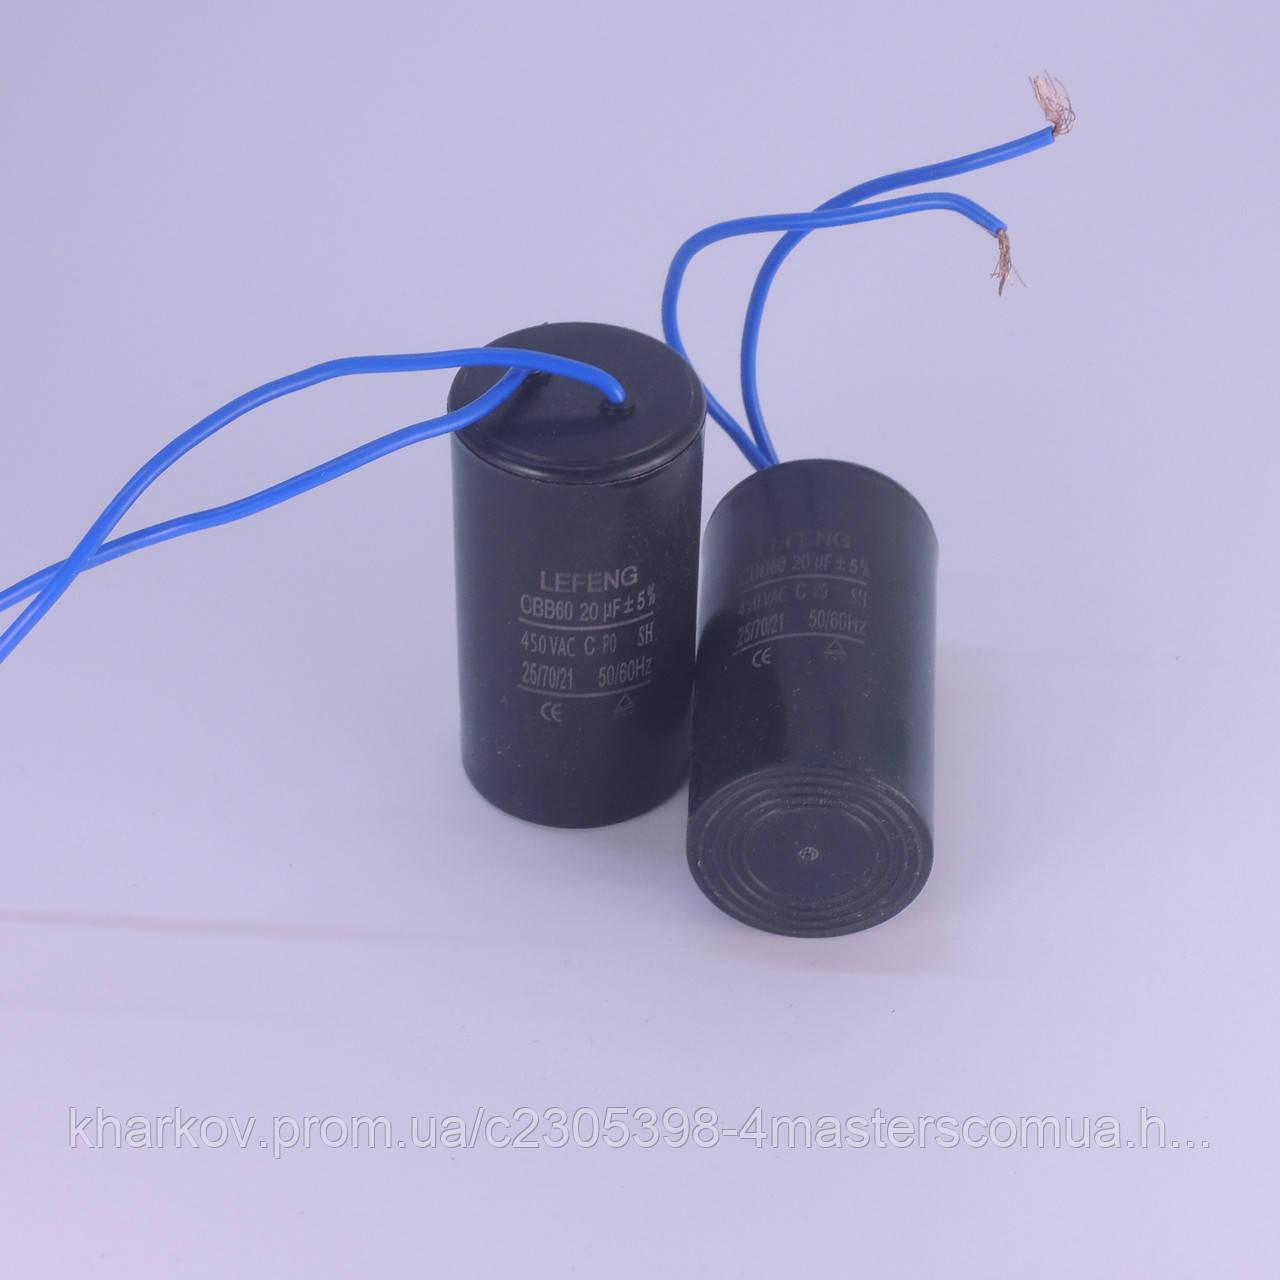 Конденсатор 20 мкФ рабочий /пусковой с гибким выводом